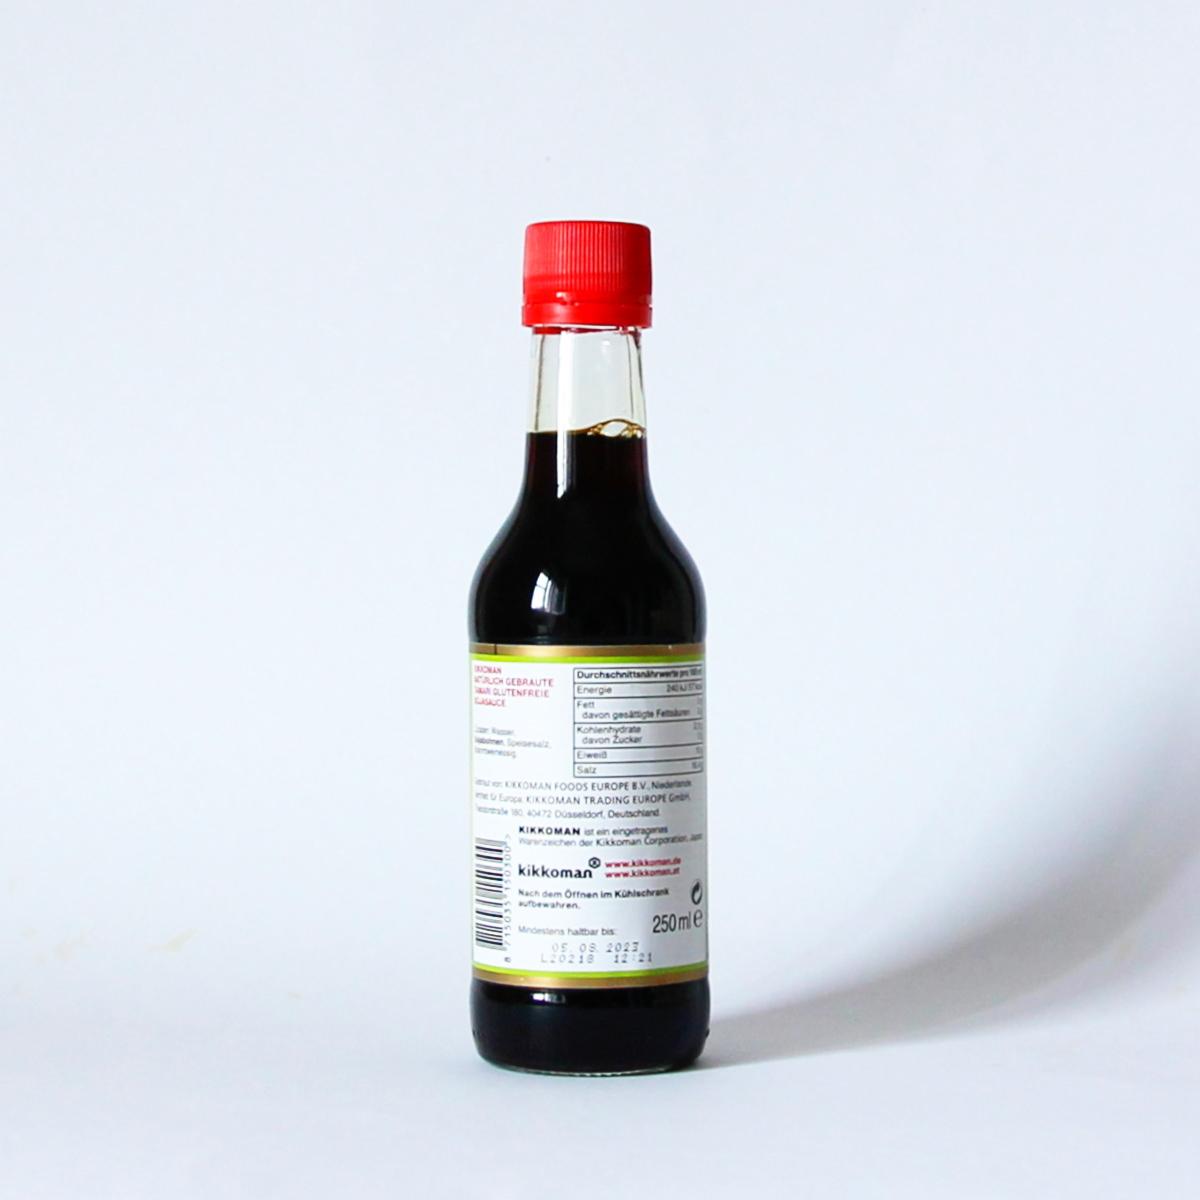 Tamari 250ml (glutenfreie Sojasauce), KIKKOMAN